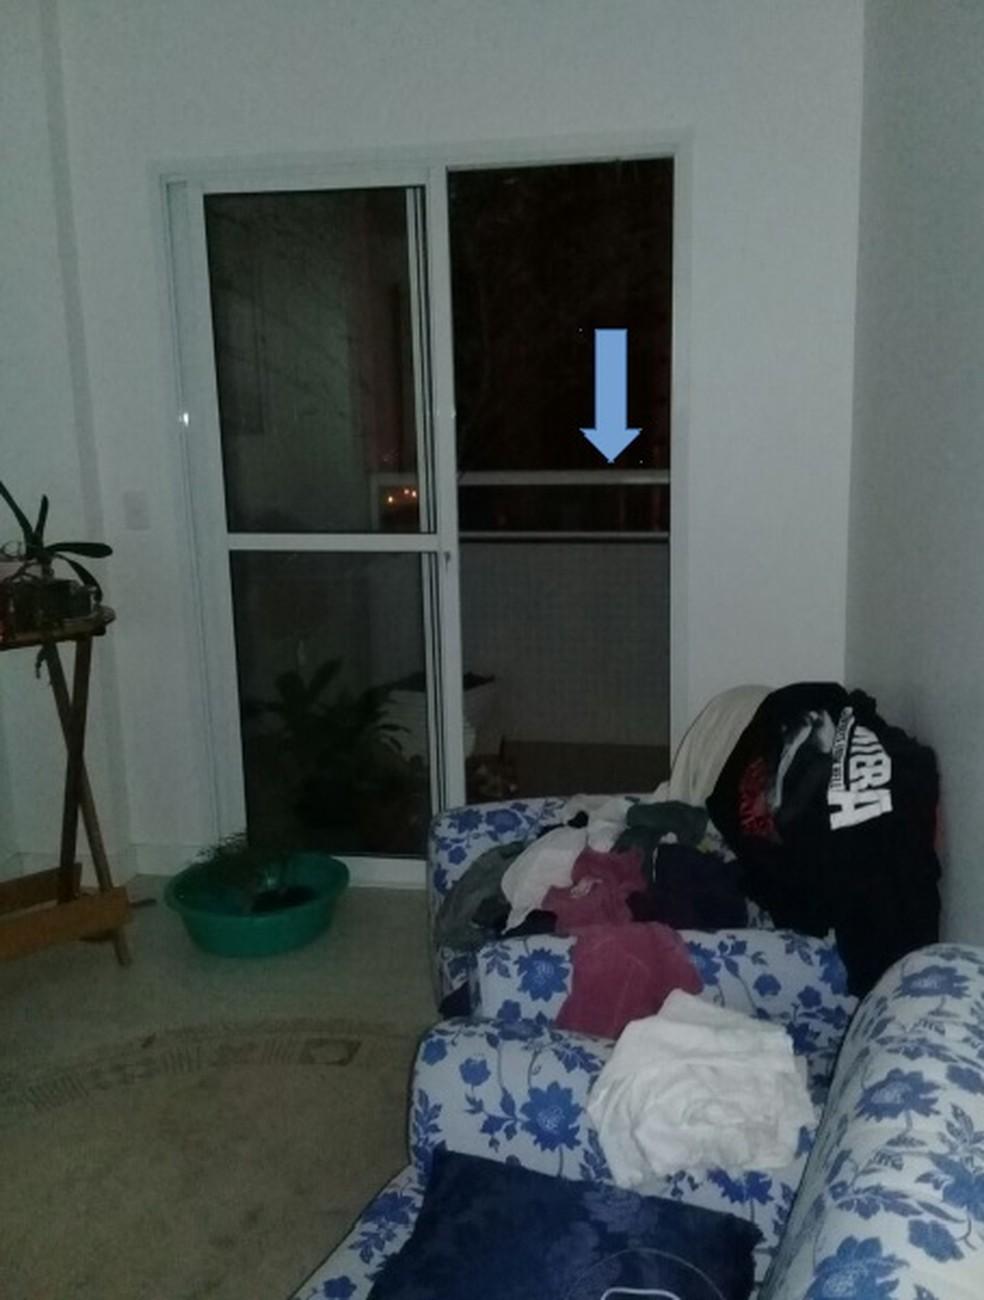 Polícia investiga se Tatiane se jogou ou foi jogada da sacada do prédio onde morava em Guarapuava (Foto: Divulgação/Polícia Civil)